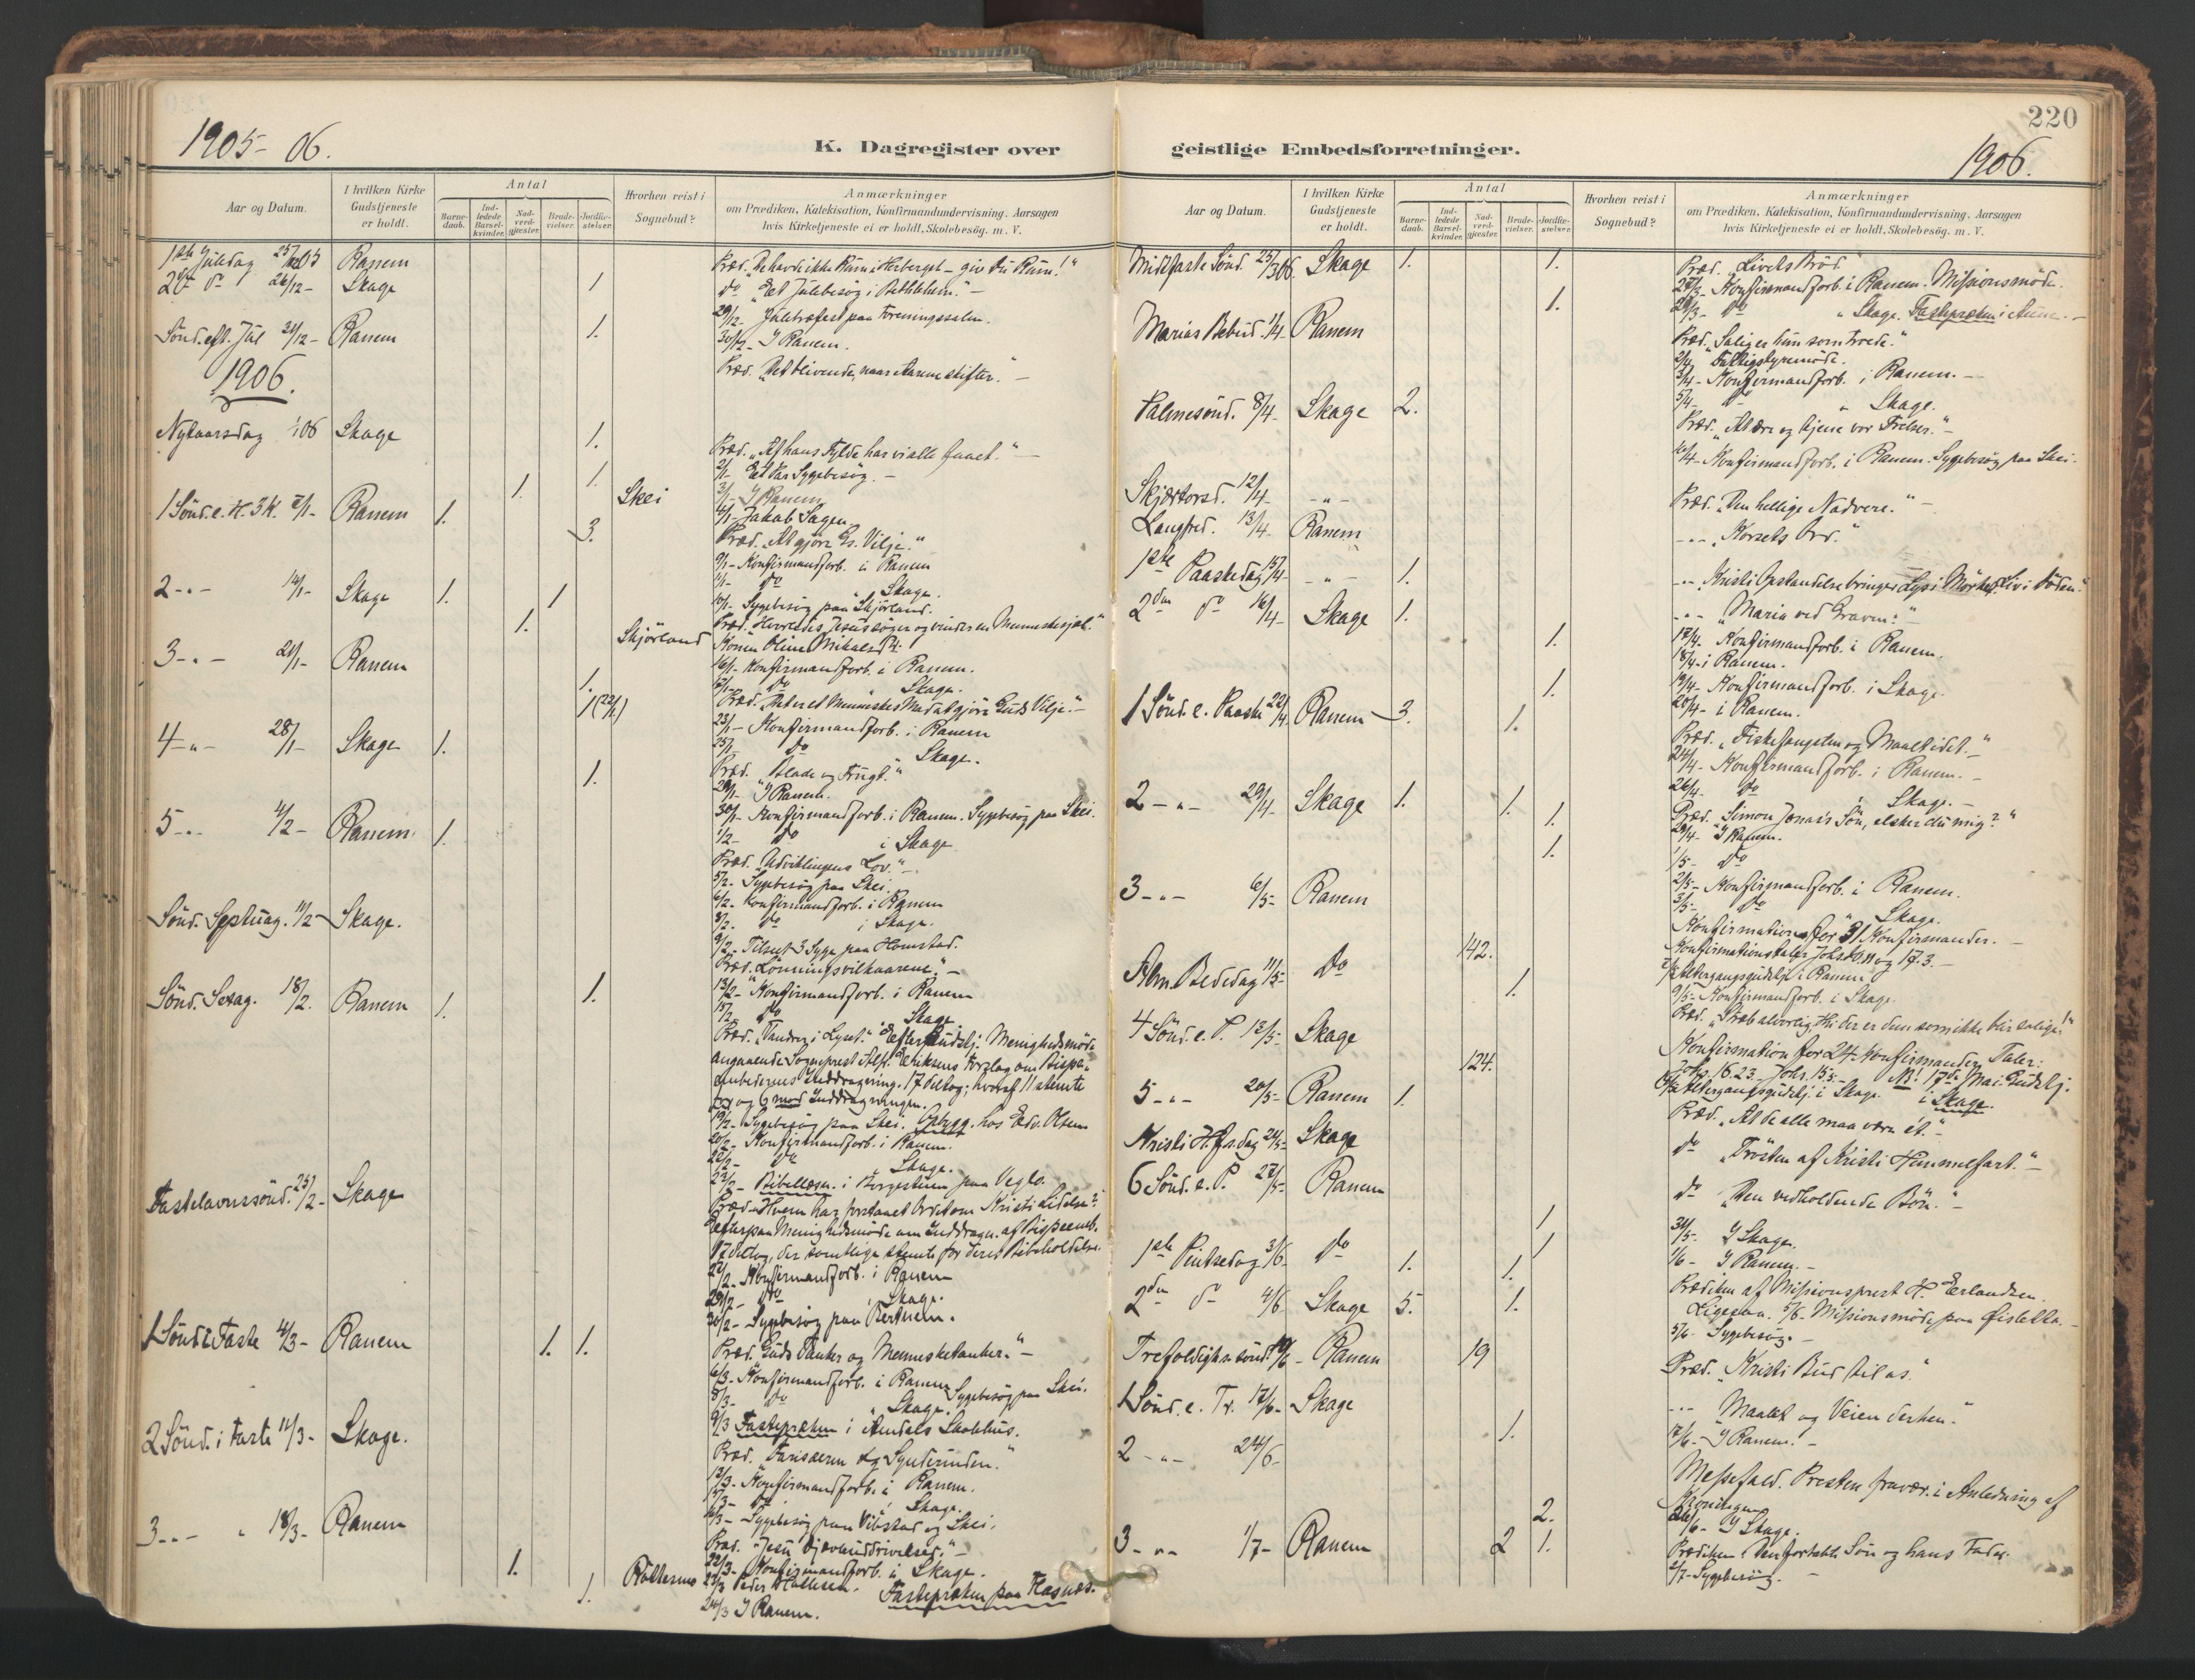 SAT, Ministerialprotokoller, klokkerbøker og fødselsregistre - Nord-Trøndelag, 764/L0556: Ministerialbok nr. 764A11, 1897-1924, s. 220